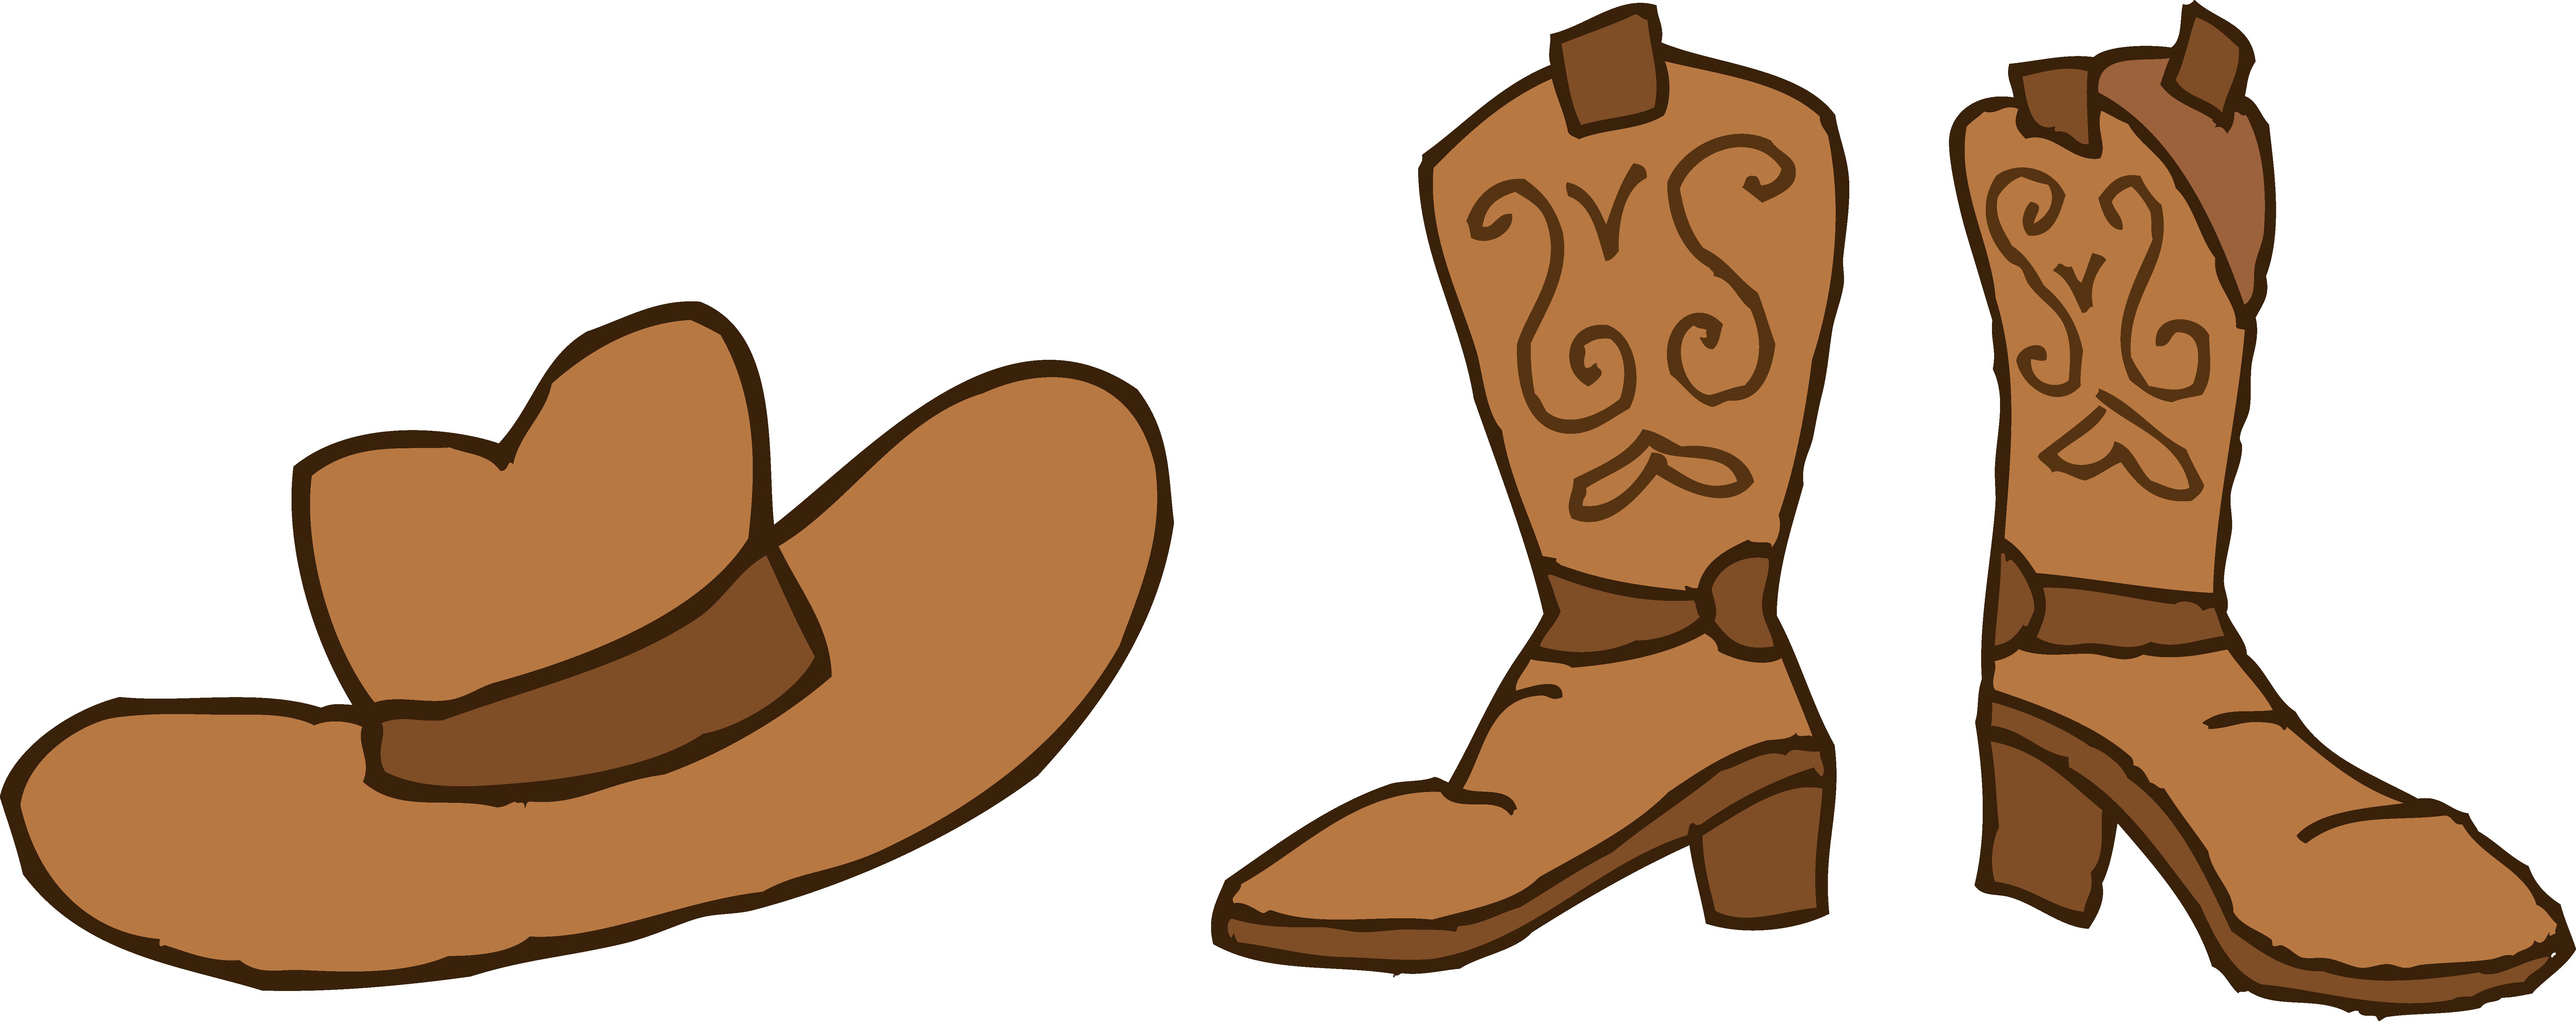 Cartoon cowboy boots clipart - ClipartFox